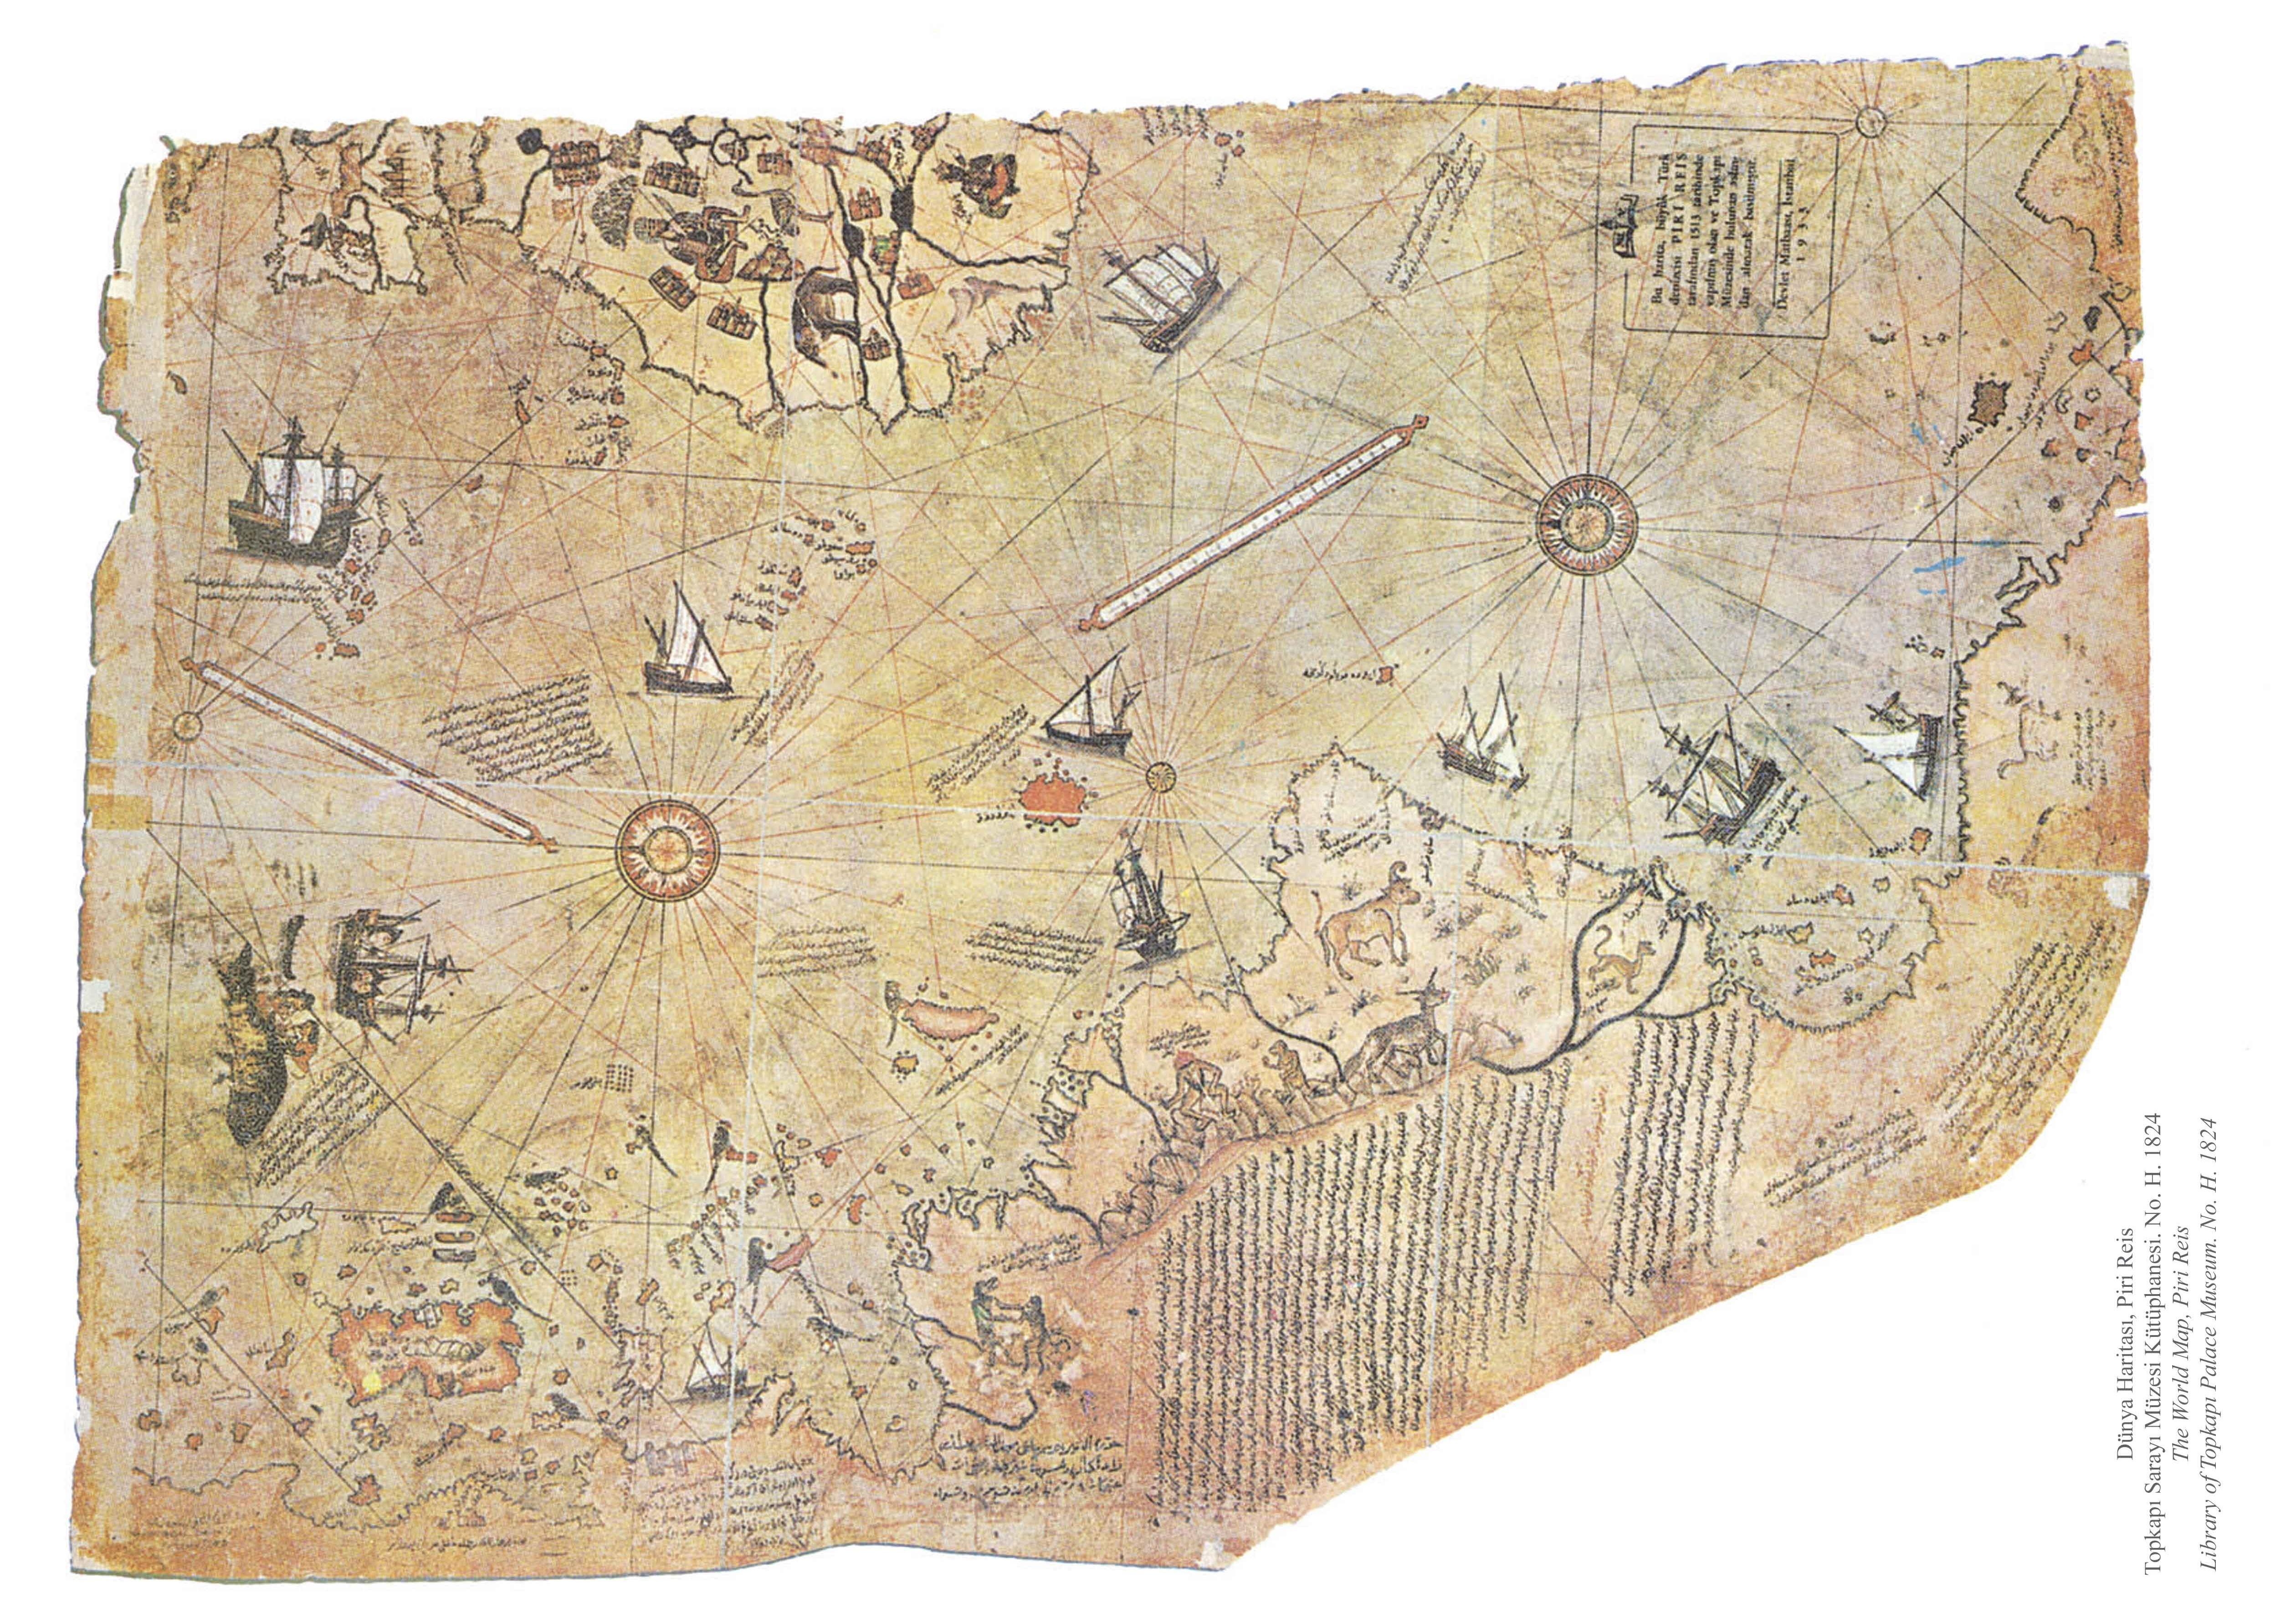 Fondos de pantalla : patrón, imperio Otomano, mapa, bolso, mantel ...